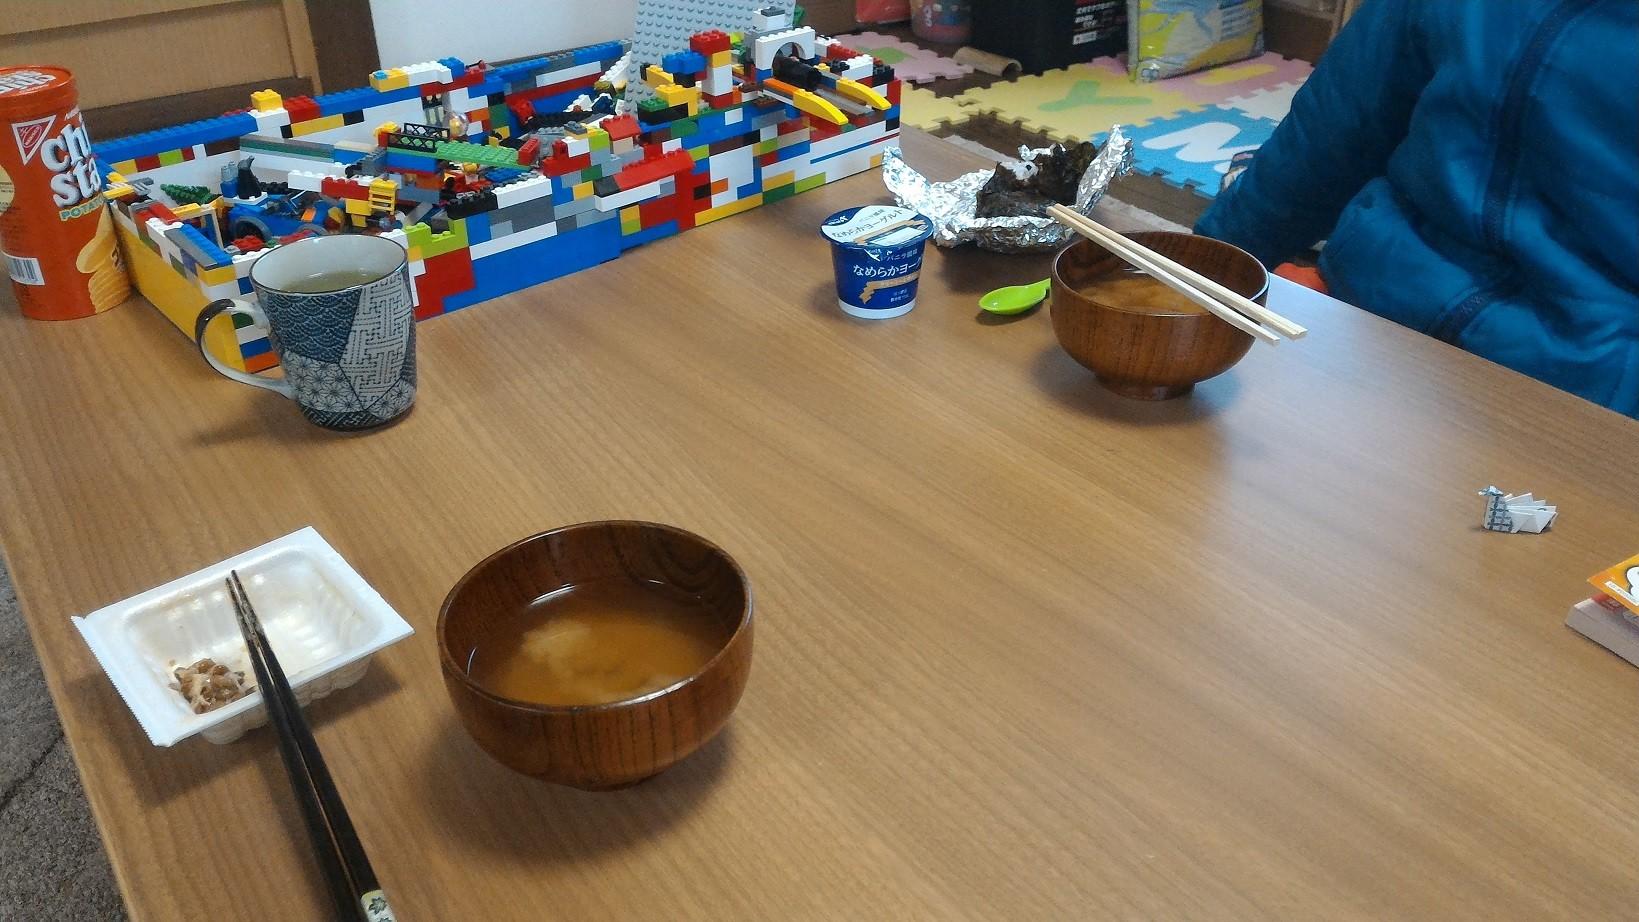 朝7時すぎ。生徒さんと朝食 with のび汁。